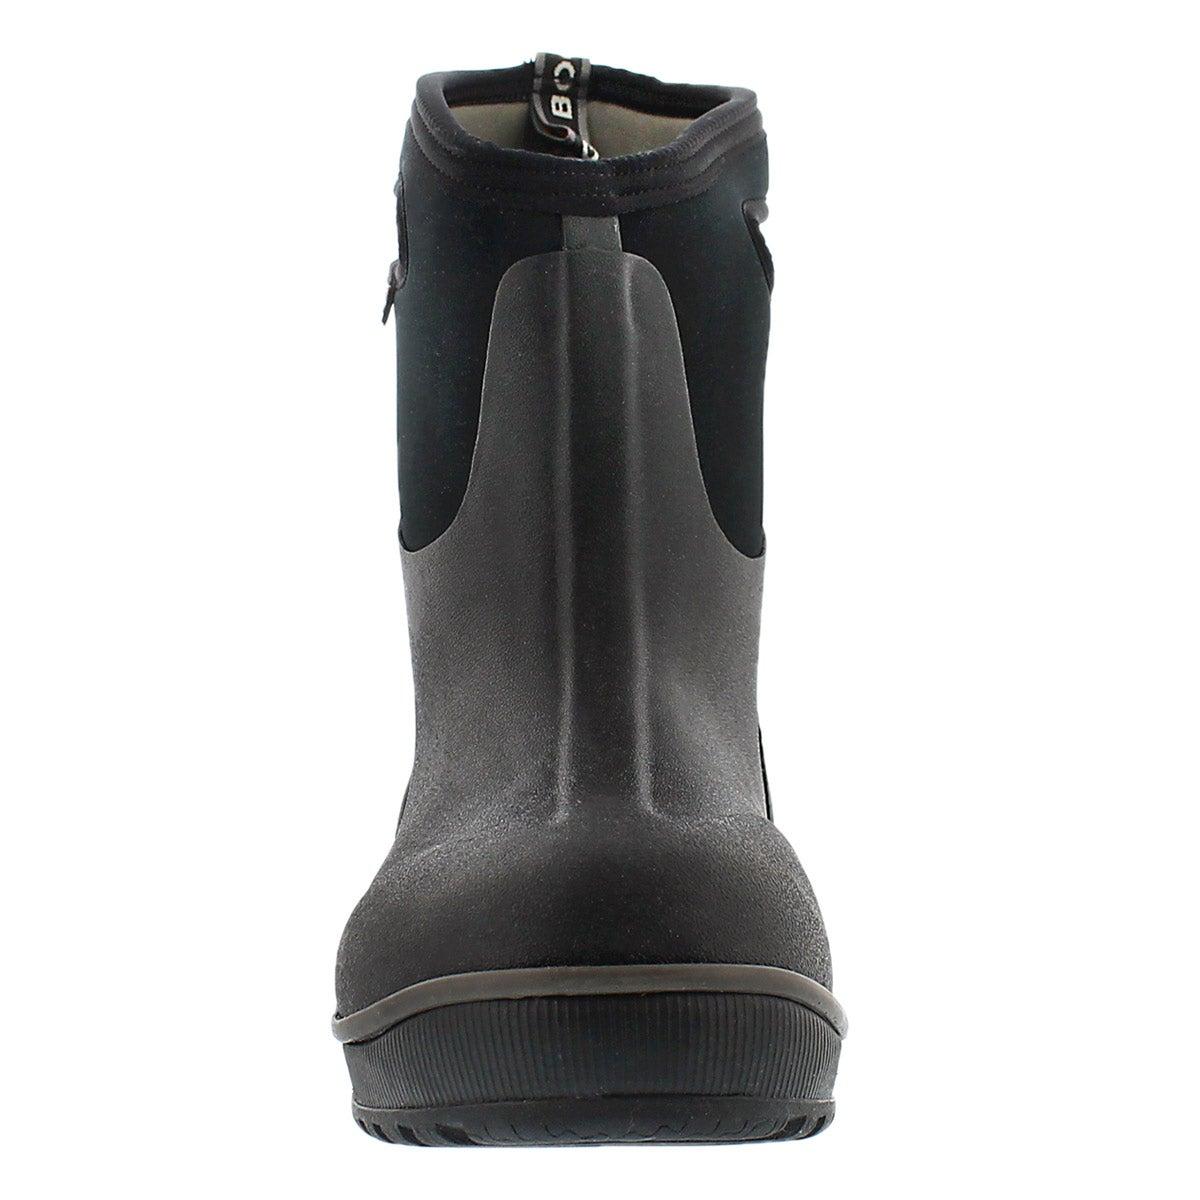 Mns Ultra Mid blk wtpf boot